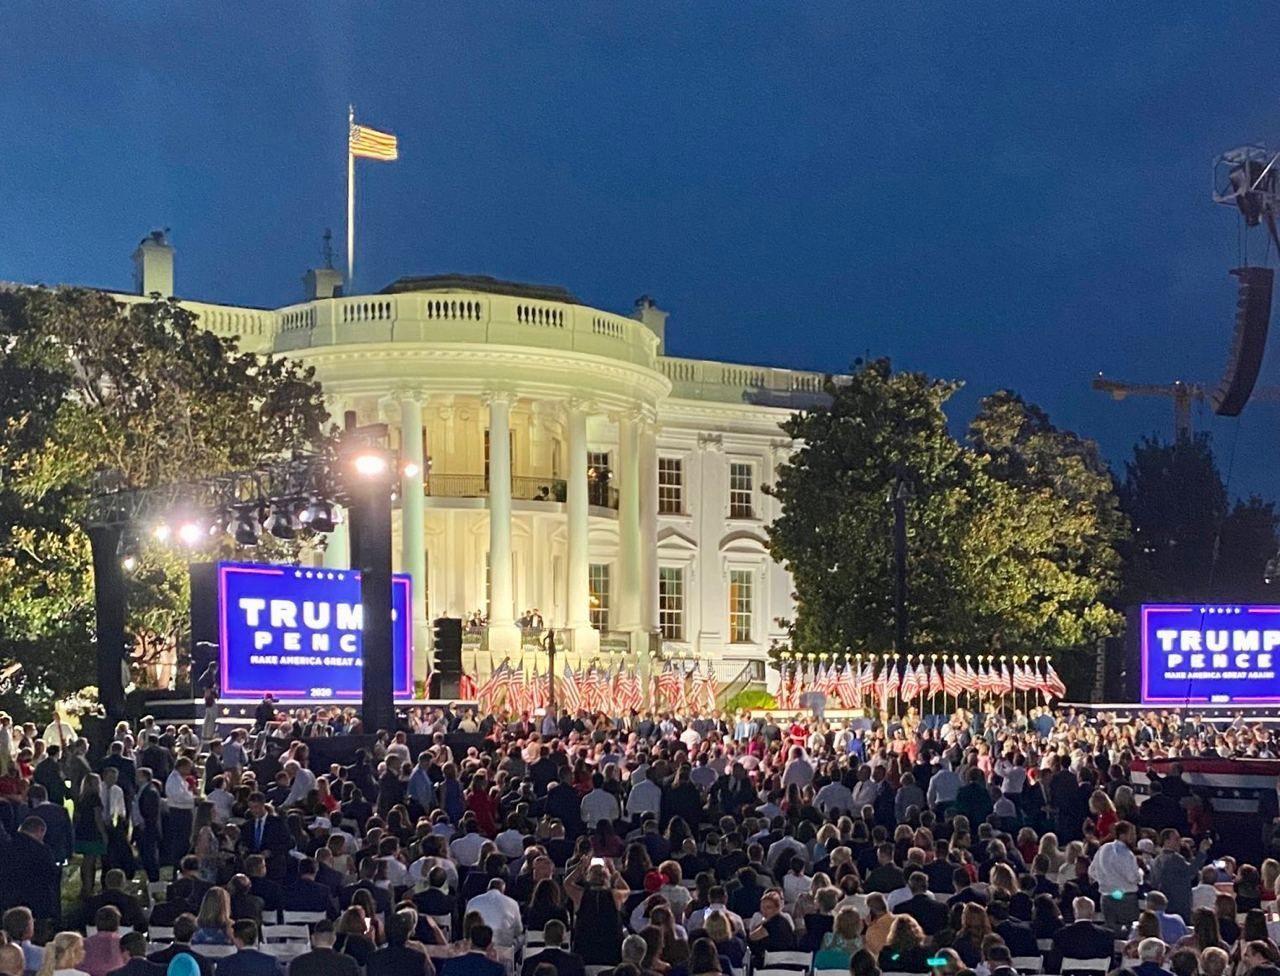 سخنرانی انتخاباتی ترامپ بدون رعایت پروتکل بهداشتی + عکس